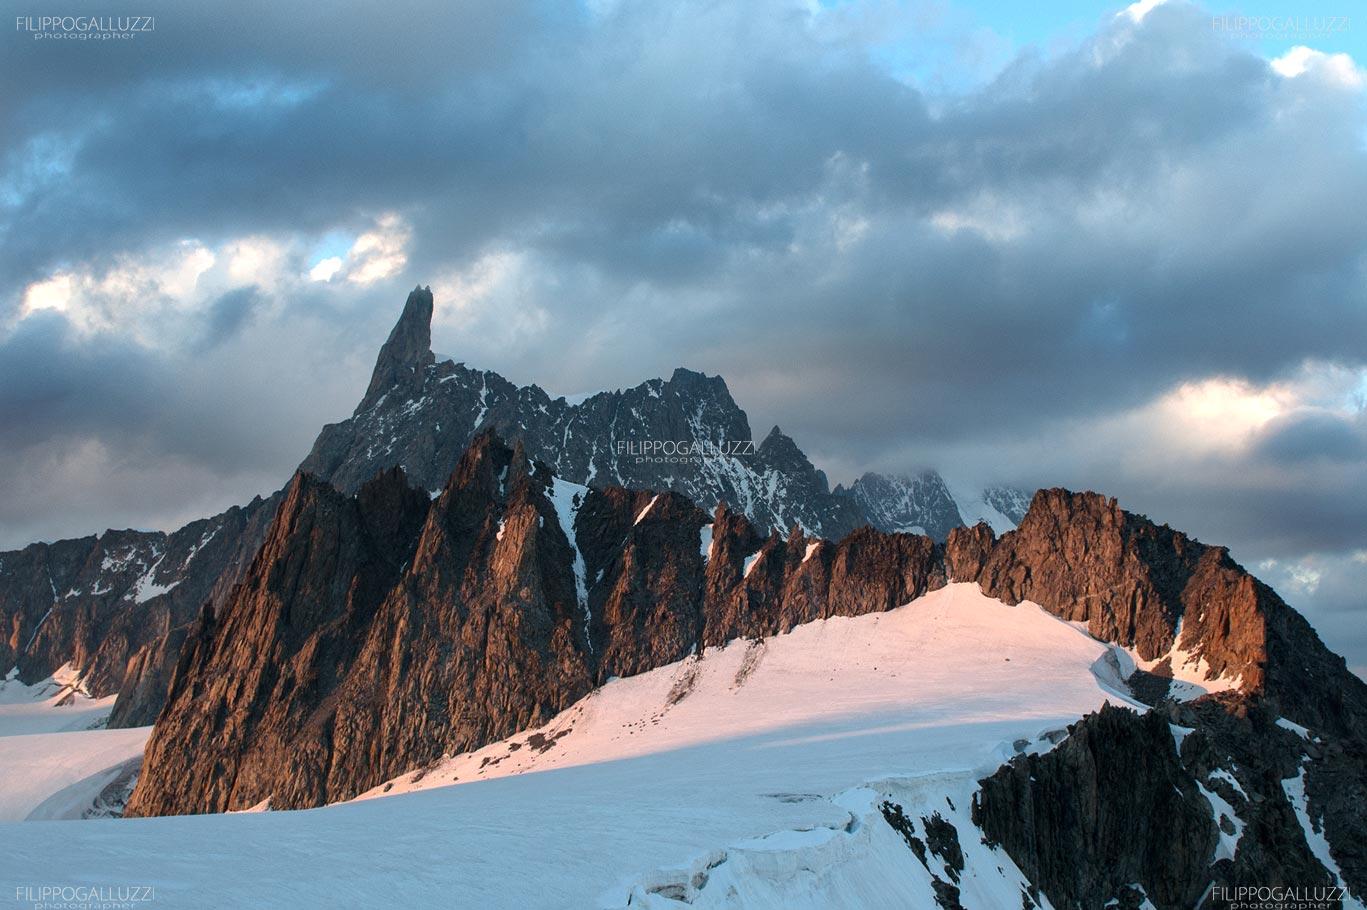 Monte Bianco, tramonto sul dente del gigante